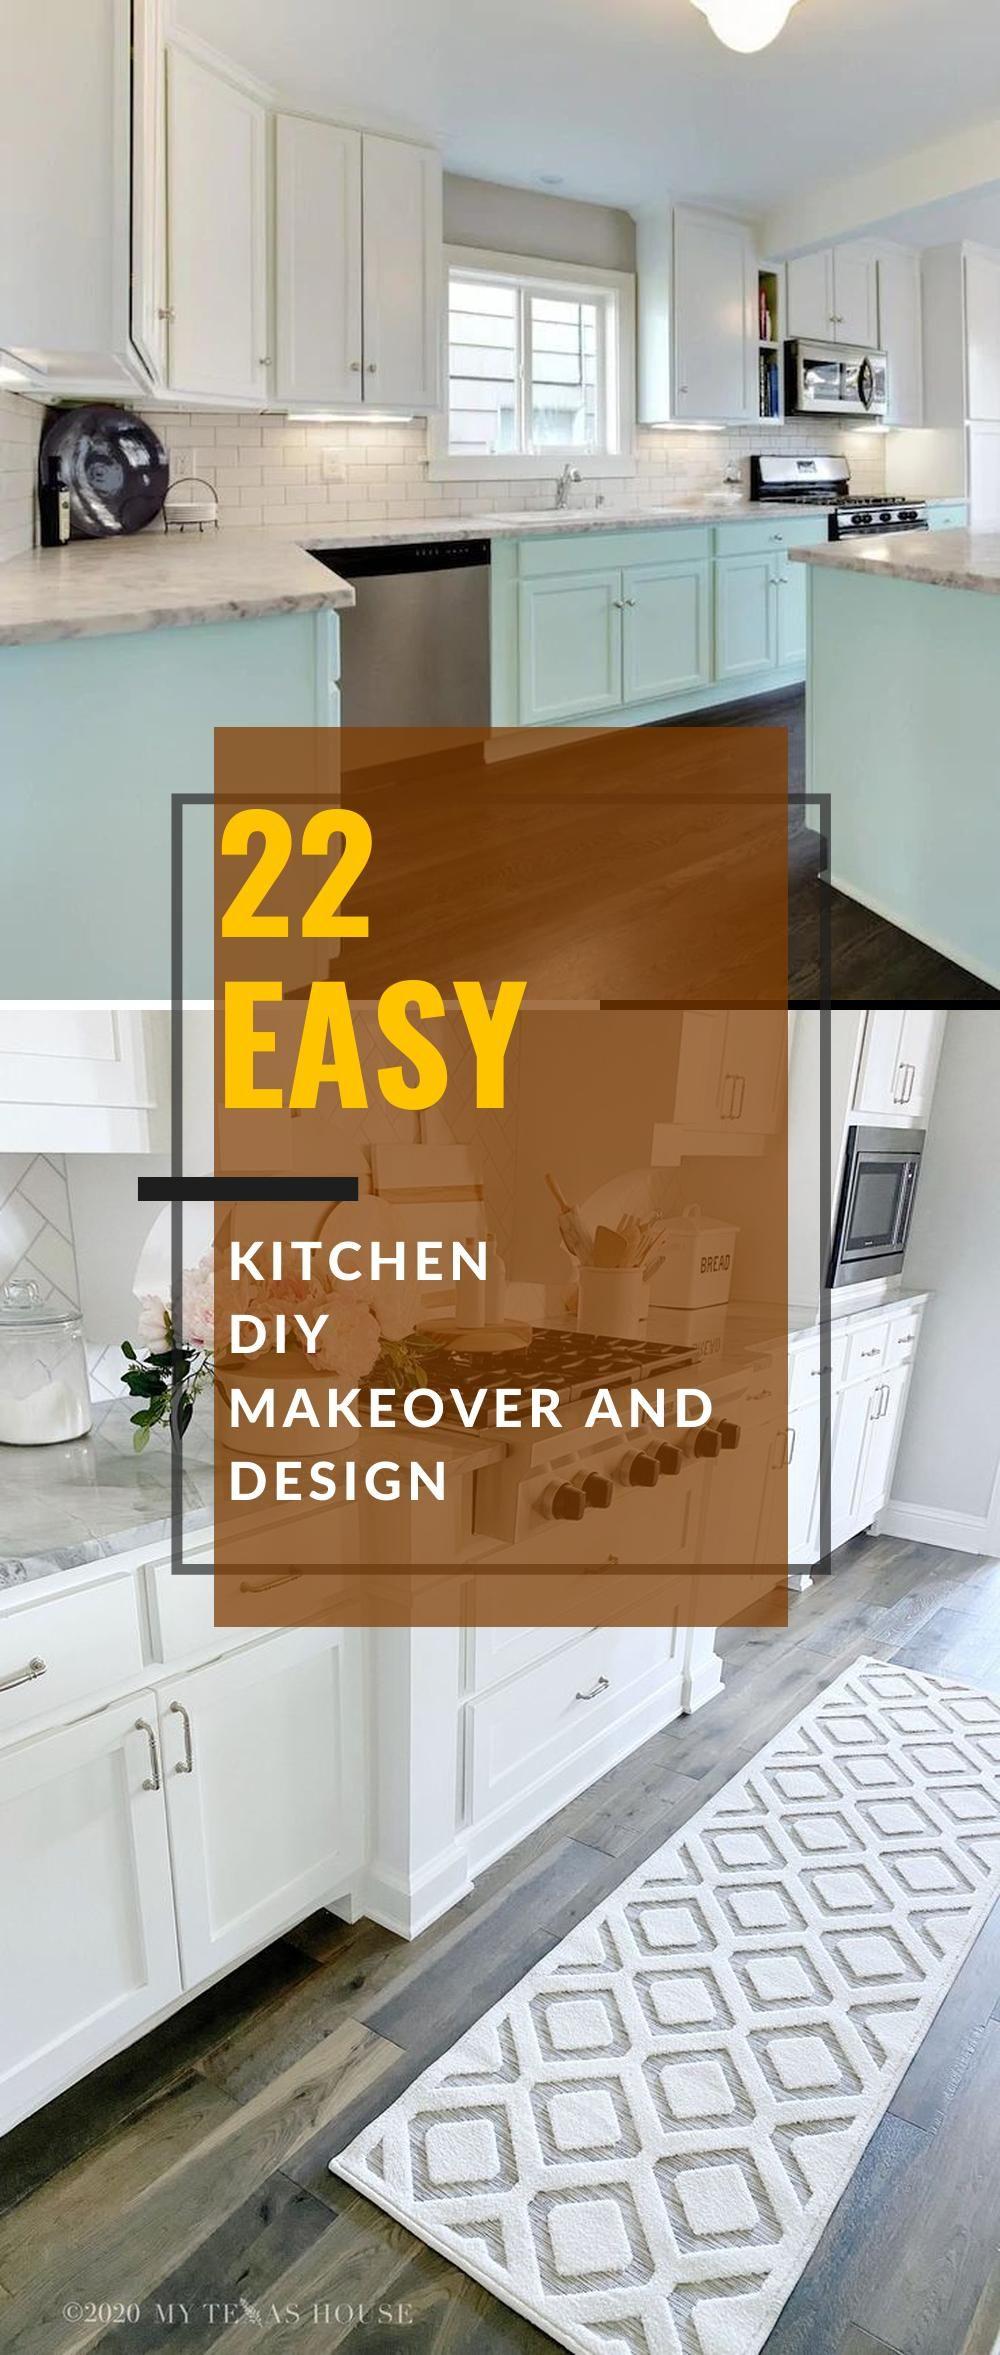 Best Kitchen Makeover Ideas In 2021 Diy